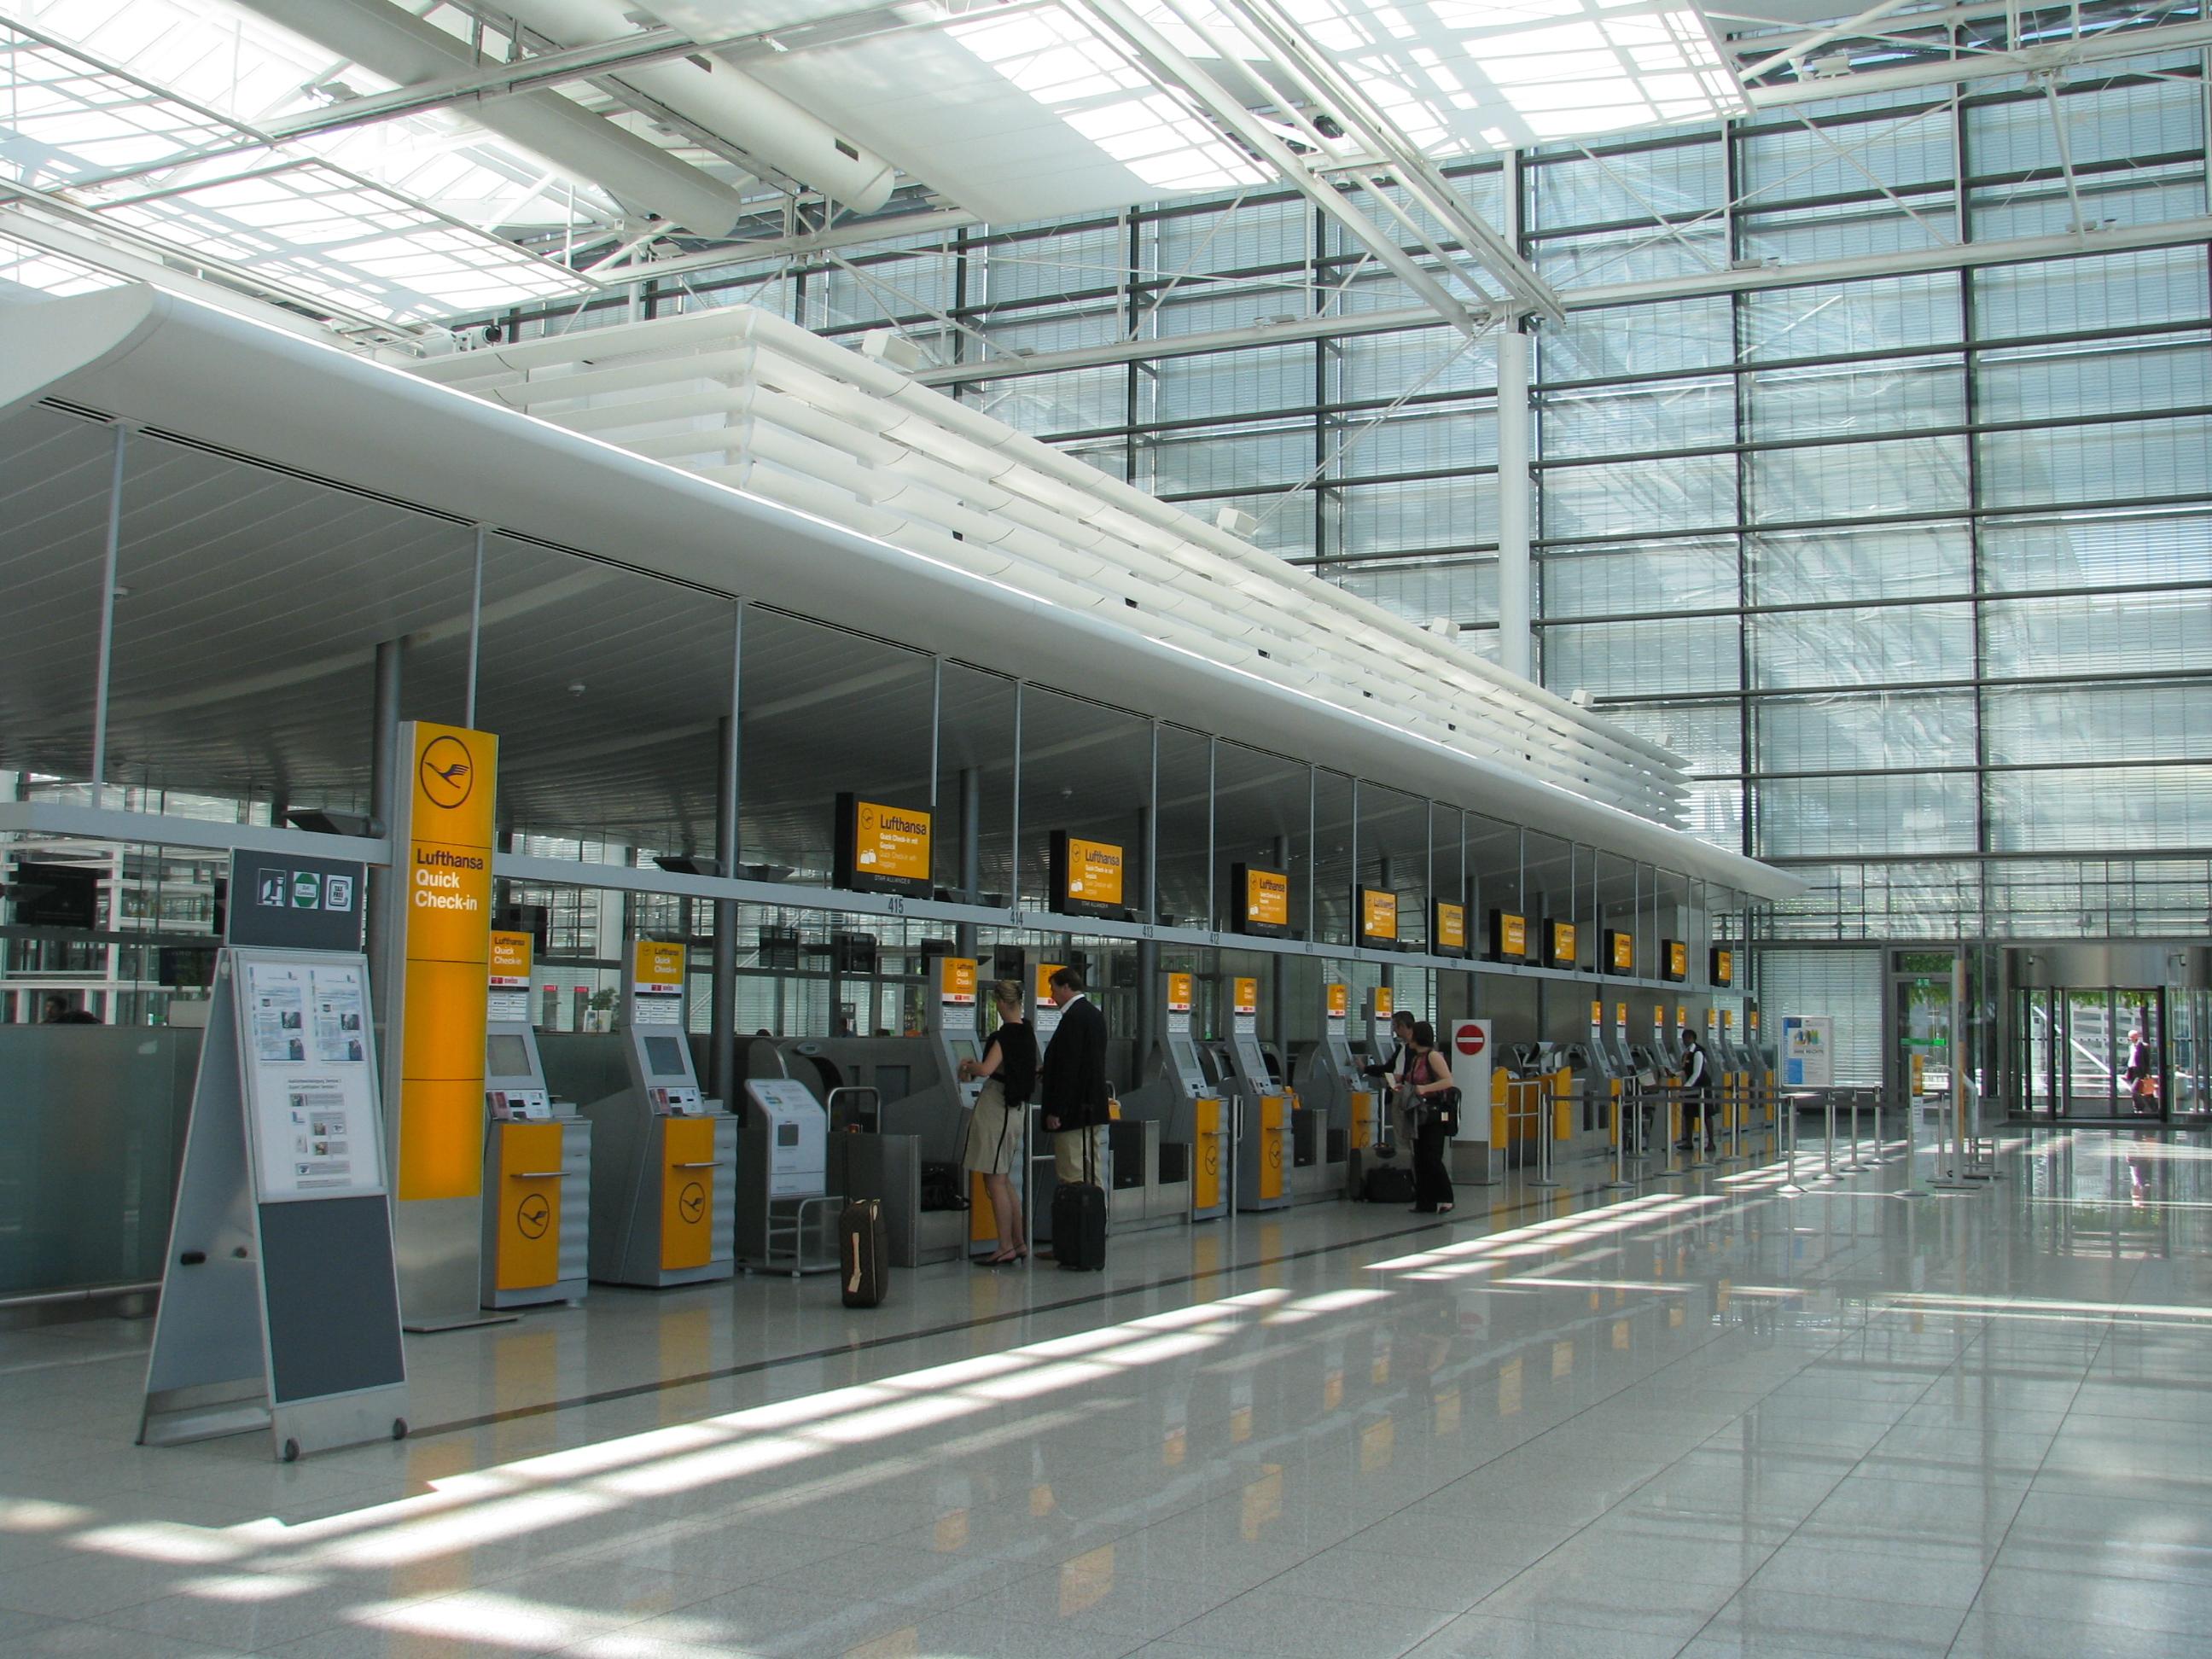 ルフトハンザ航空、2015年の総旅客数が過去最多の1億770万人に